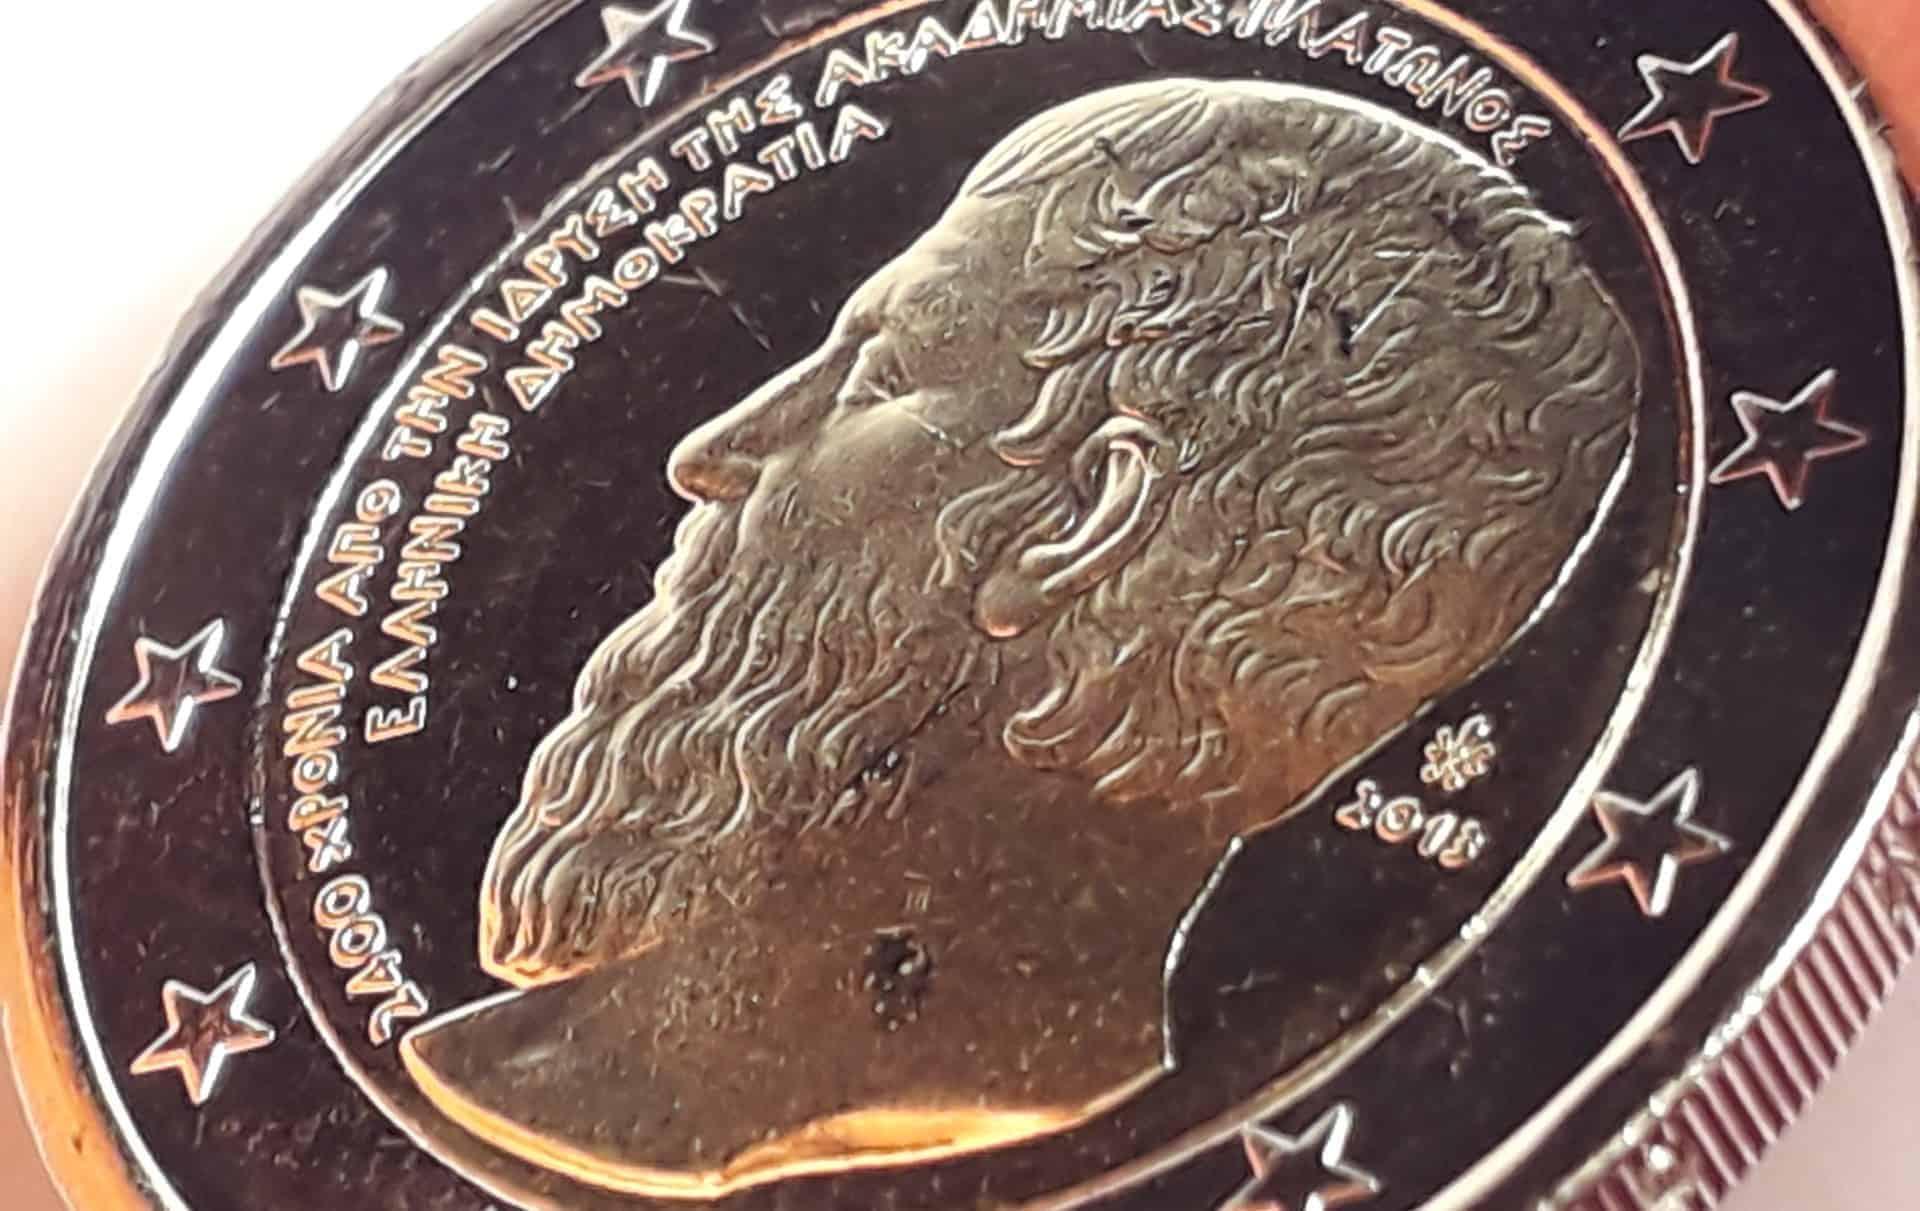 ¿Qué es una moneda proof?